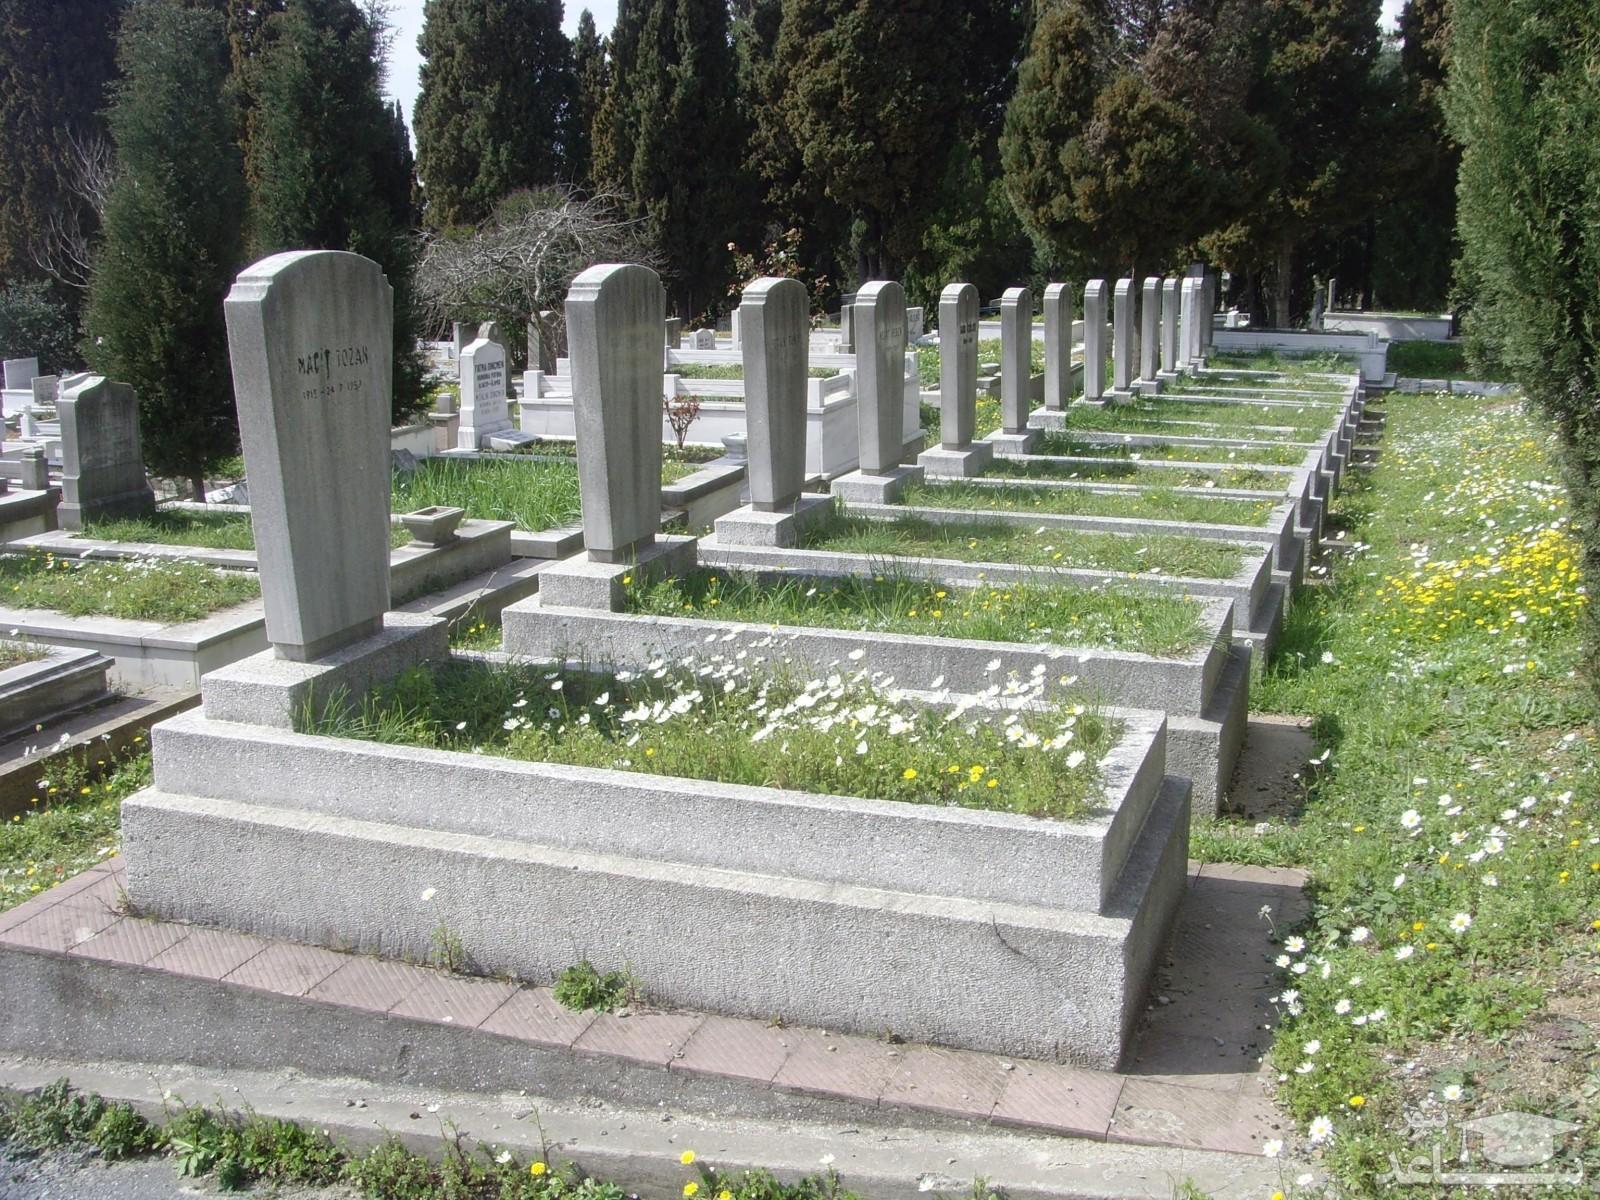 تصویر تامل برانگیز قبر کودک ۳ساله خبرساز شد!